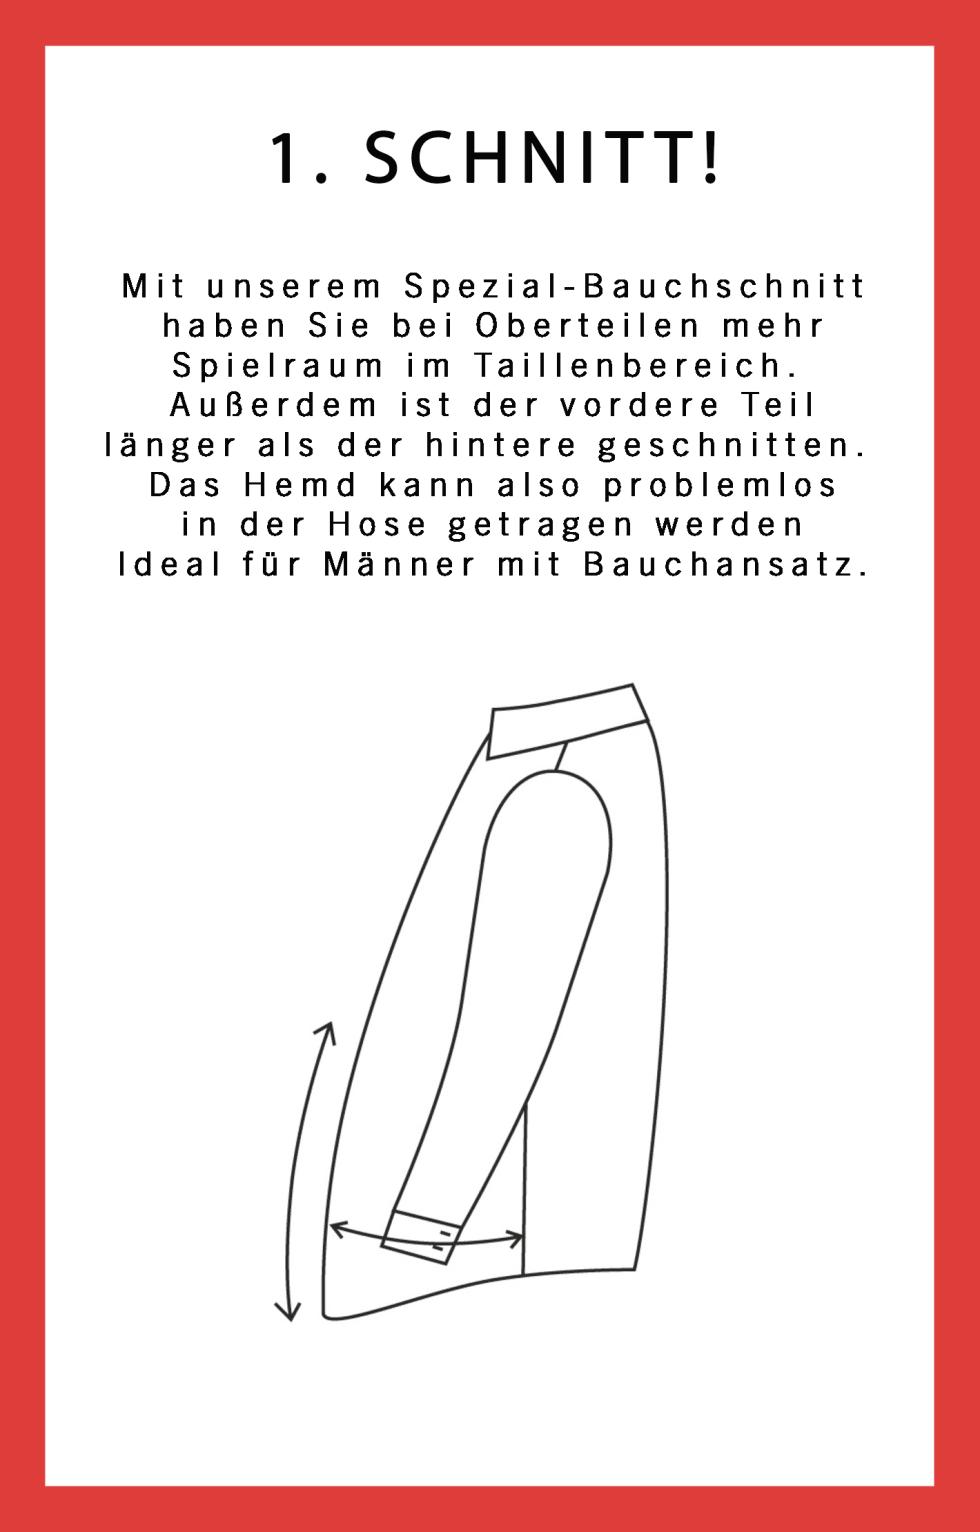 Spezialschnitt_Hemden